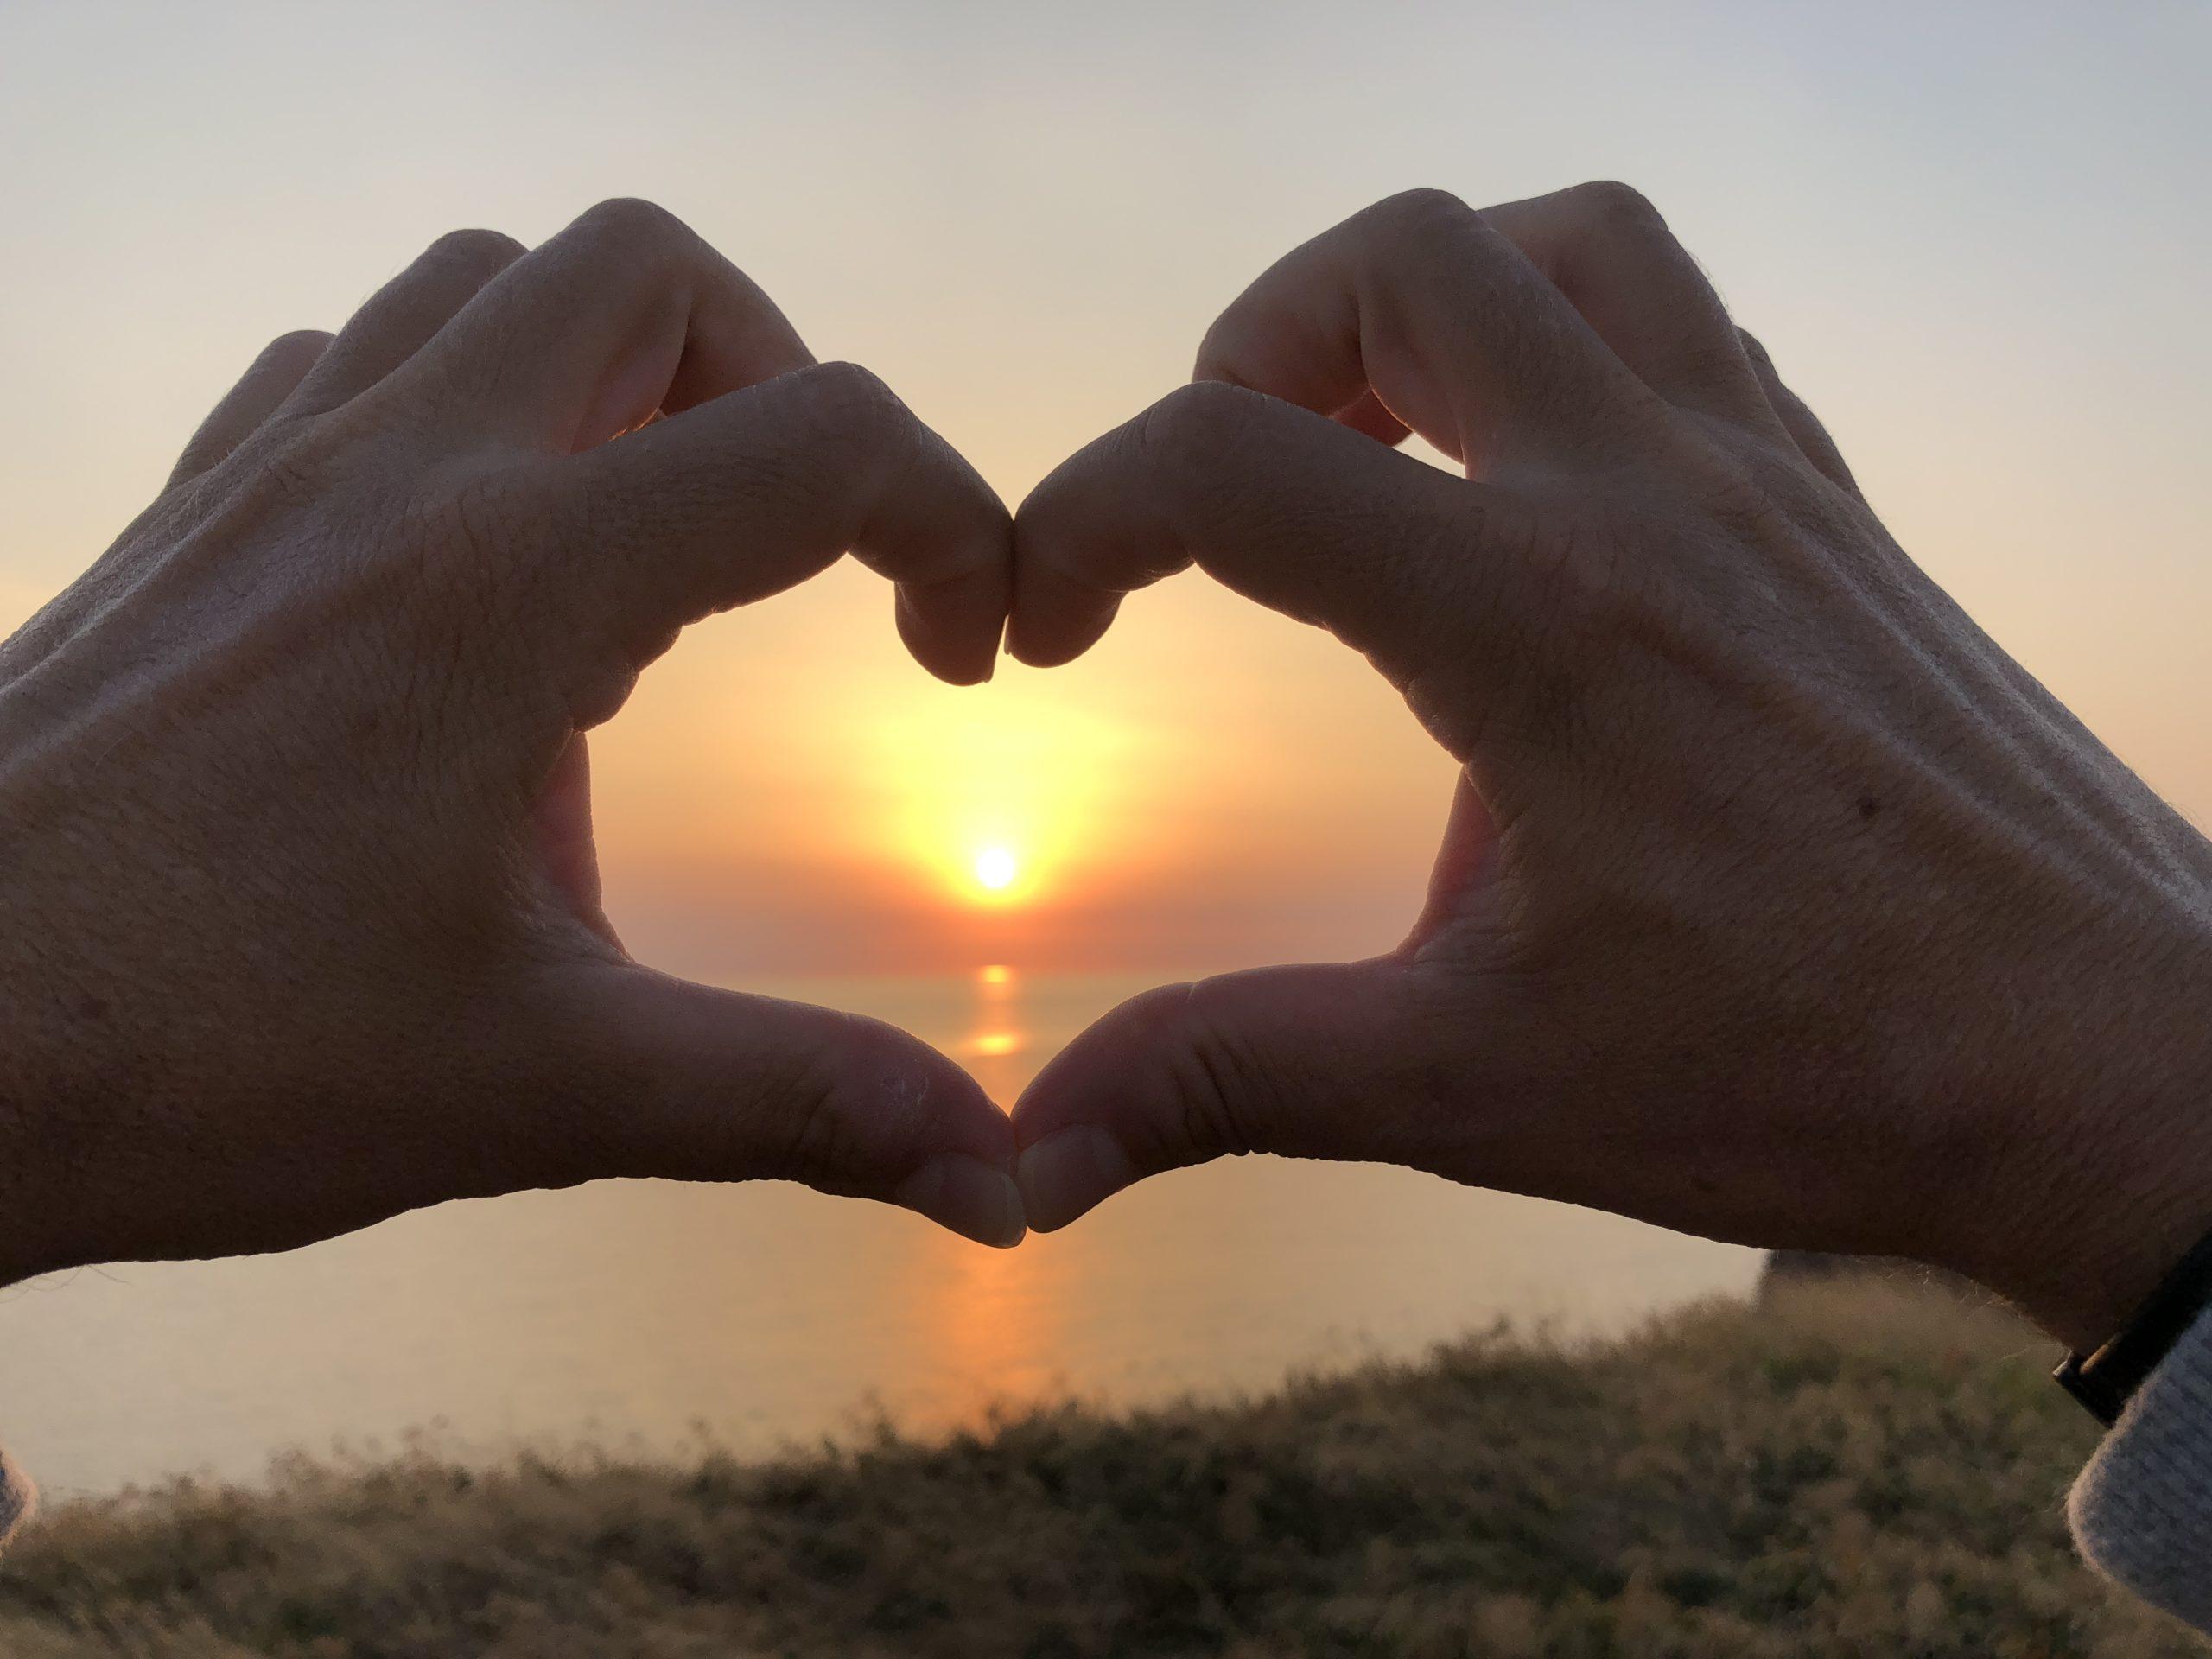 Zwei Hände formen ein Herz, in dessen Mitte die untergehende Sonne zu sehen ist